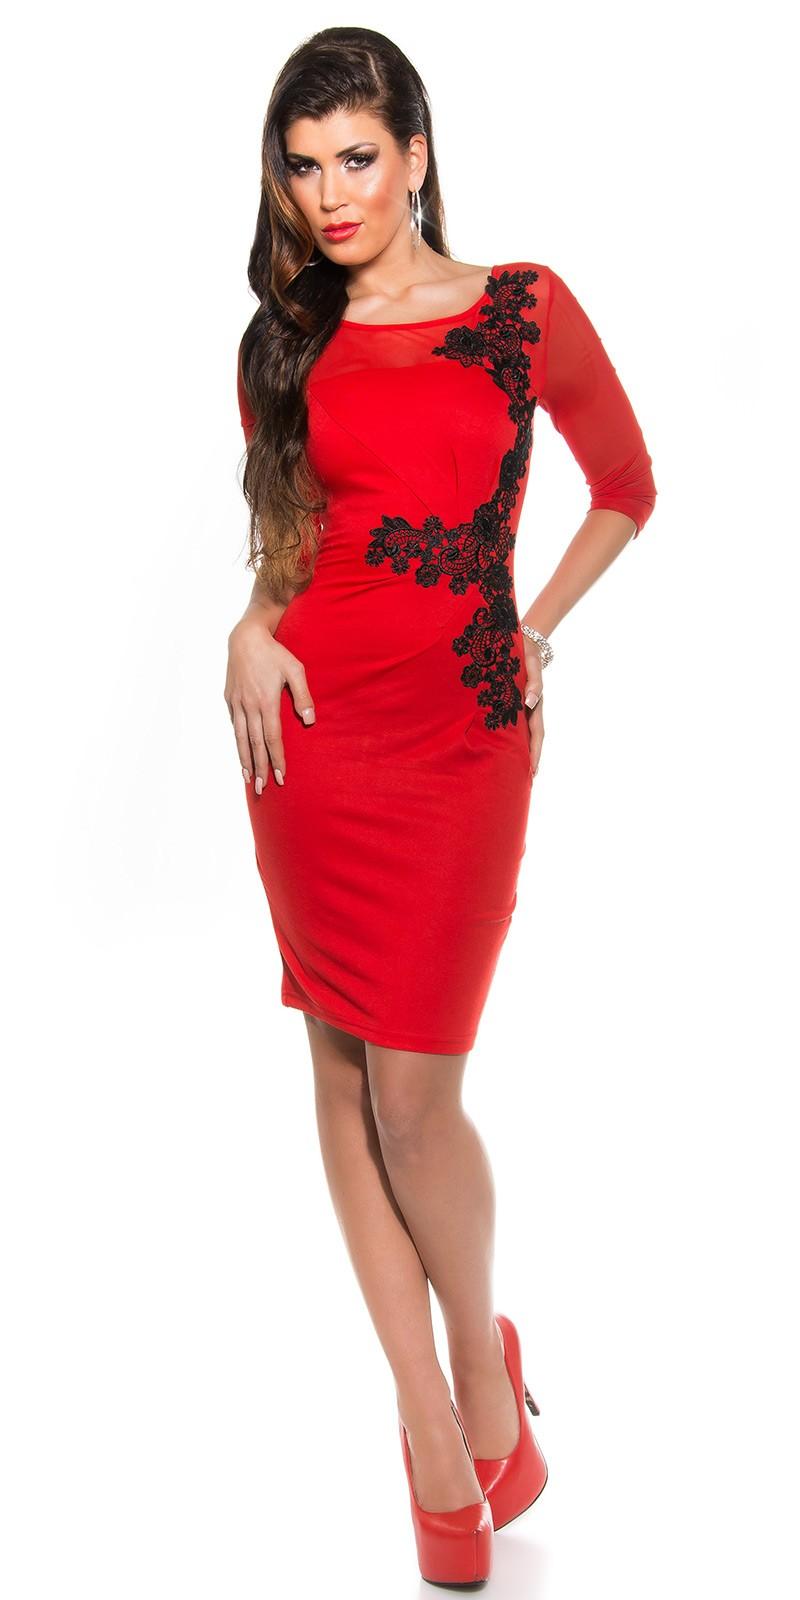 Fekete horgolt csipke díszítésű női alkalmi ruha - Piros (36-42). Az Ön  értékelése  74cf0d925a